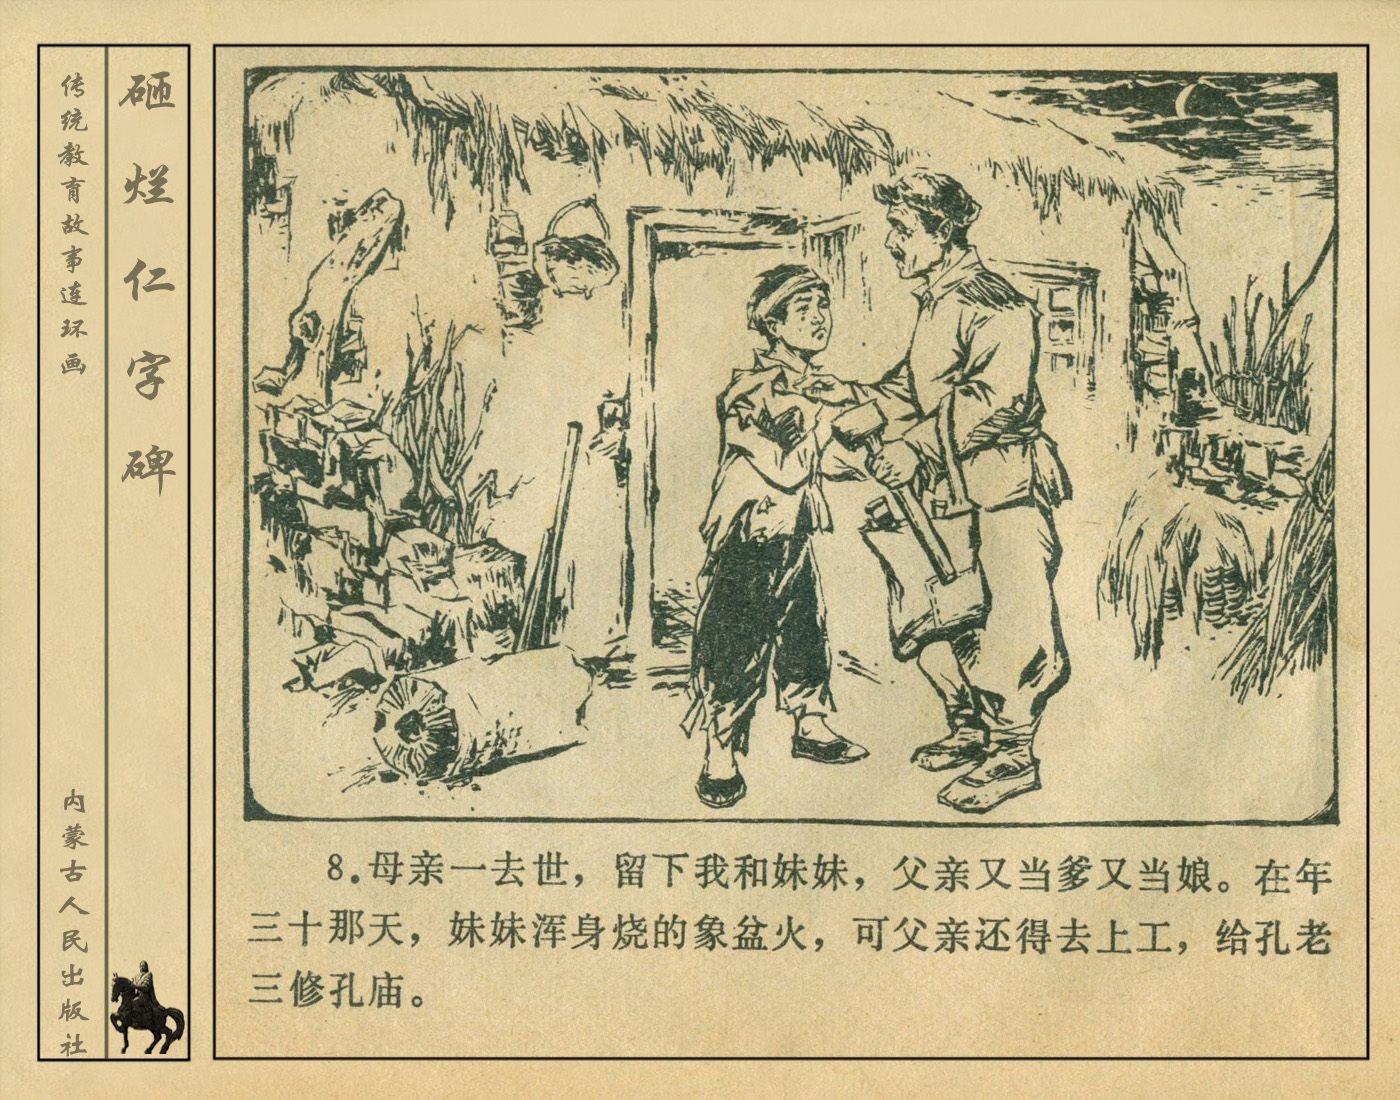 文革连环画-砸烂仁字碑